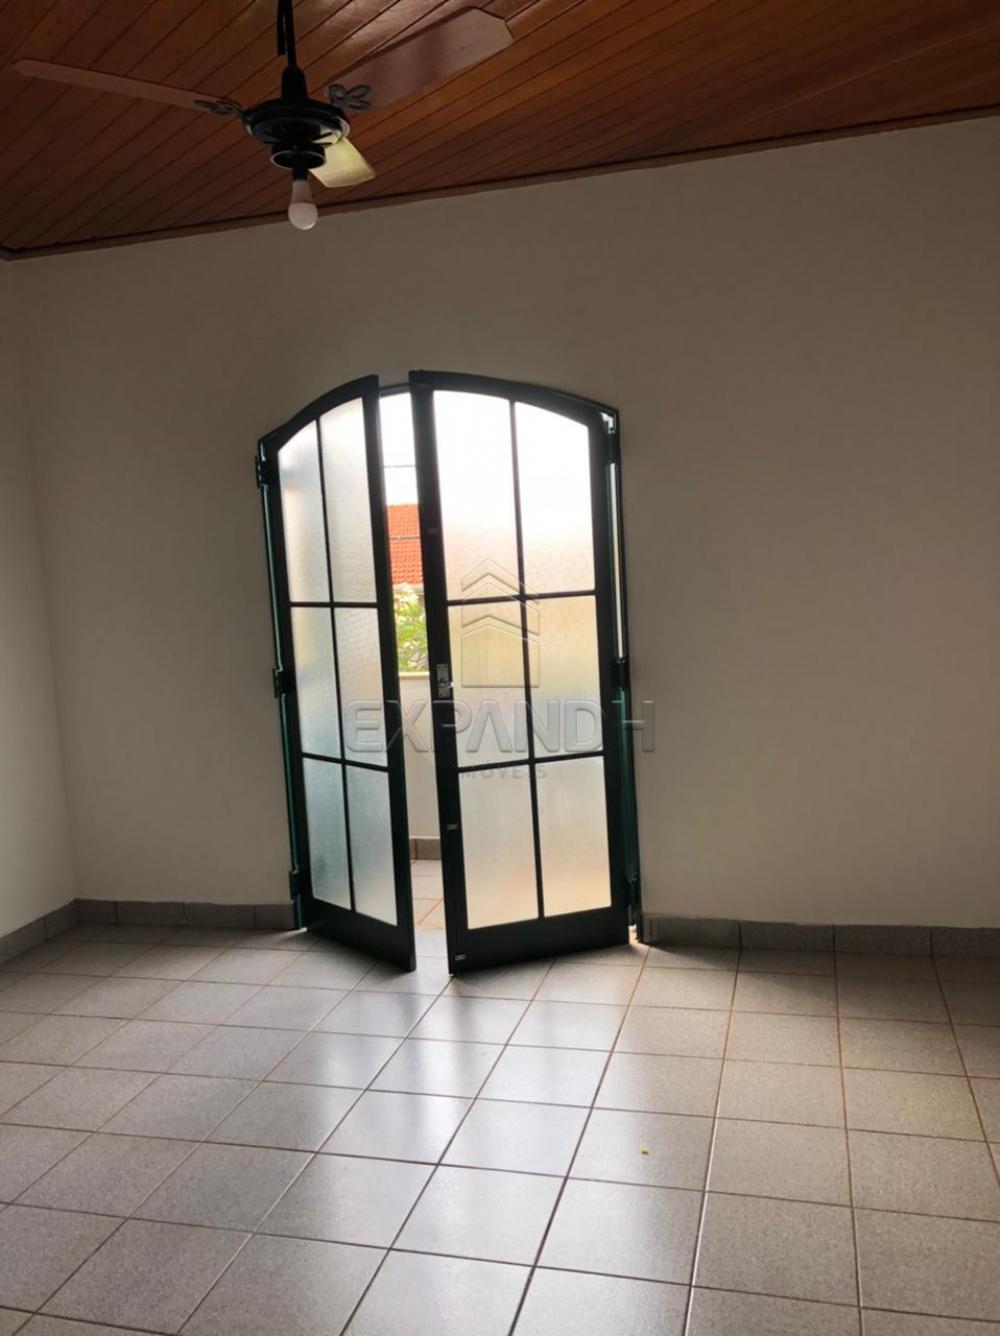 Alugar Casas / Padrão em Sertãozinho R$ 2.700,00 - Foto 16